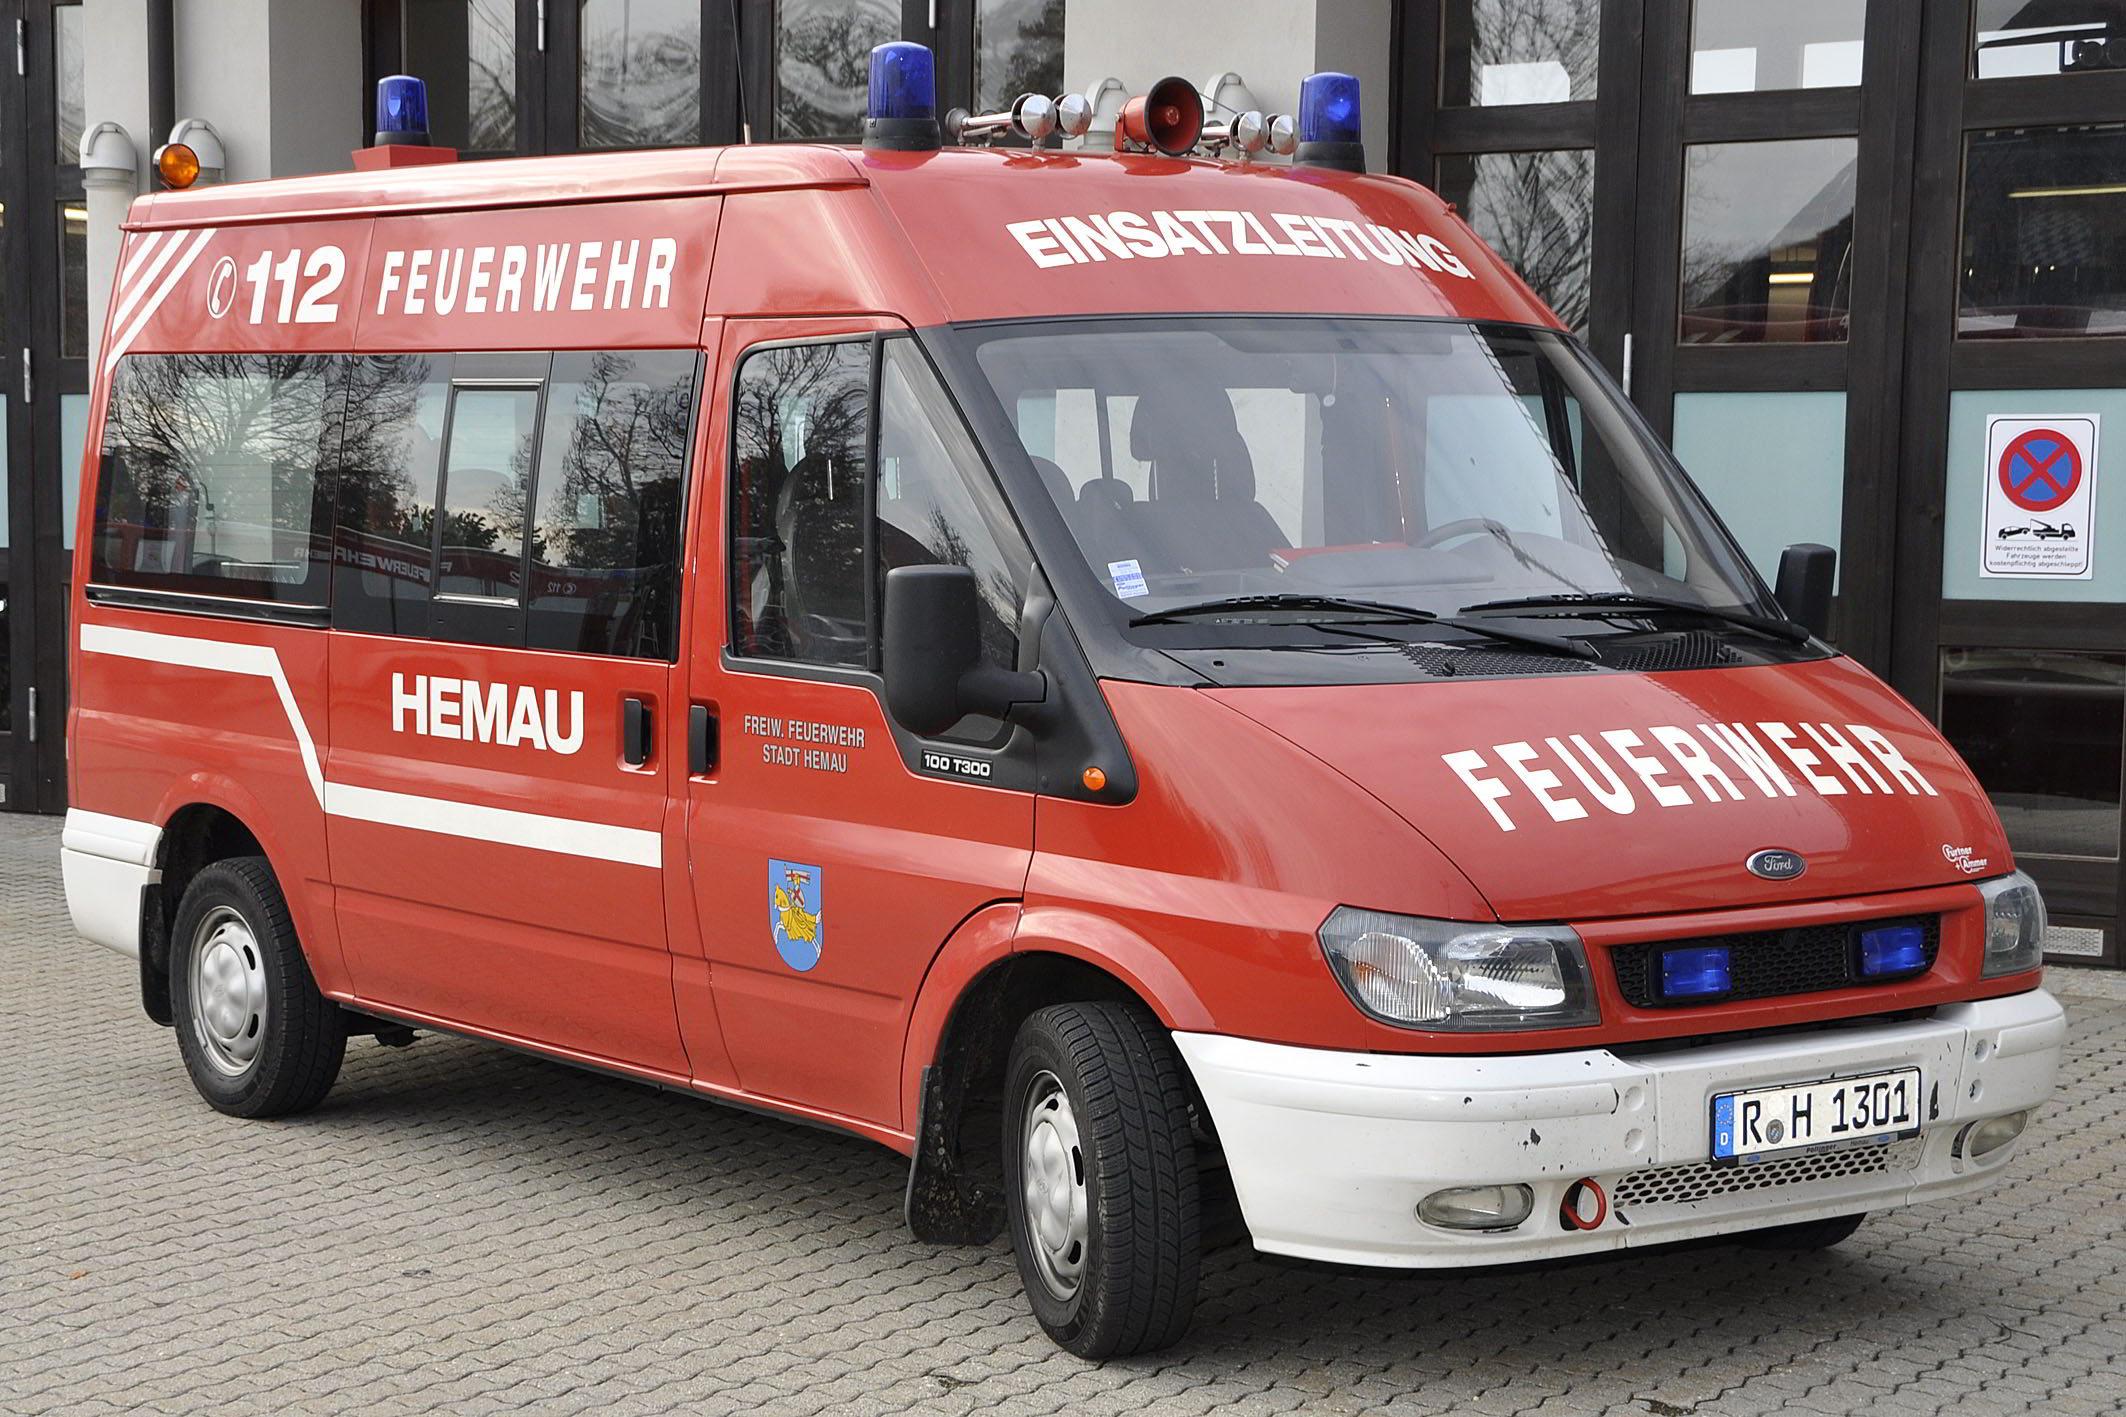 Ffw Hemau